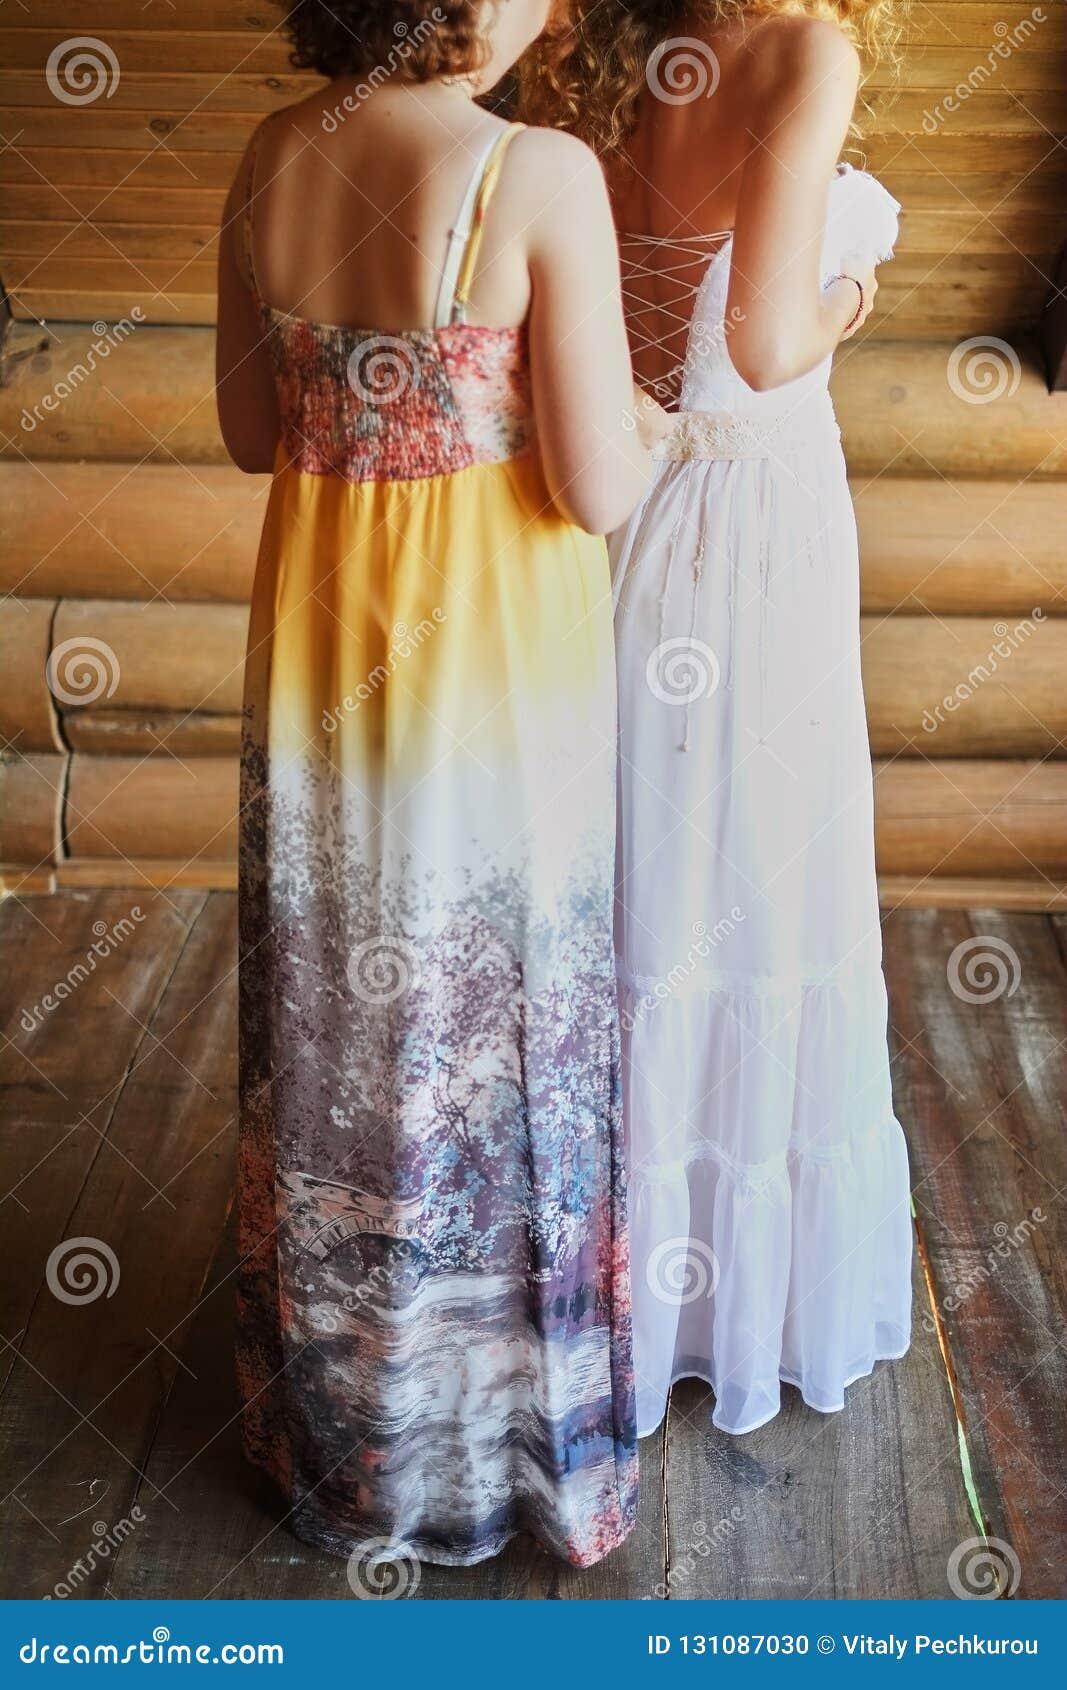 La sposa sta fissando un vestito da sposa la damigella d onore aiuta la sposa che l amica aiuta la sposa